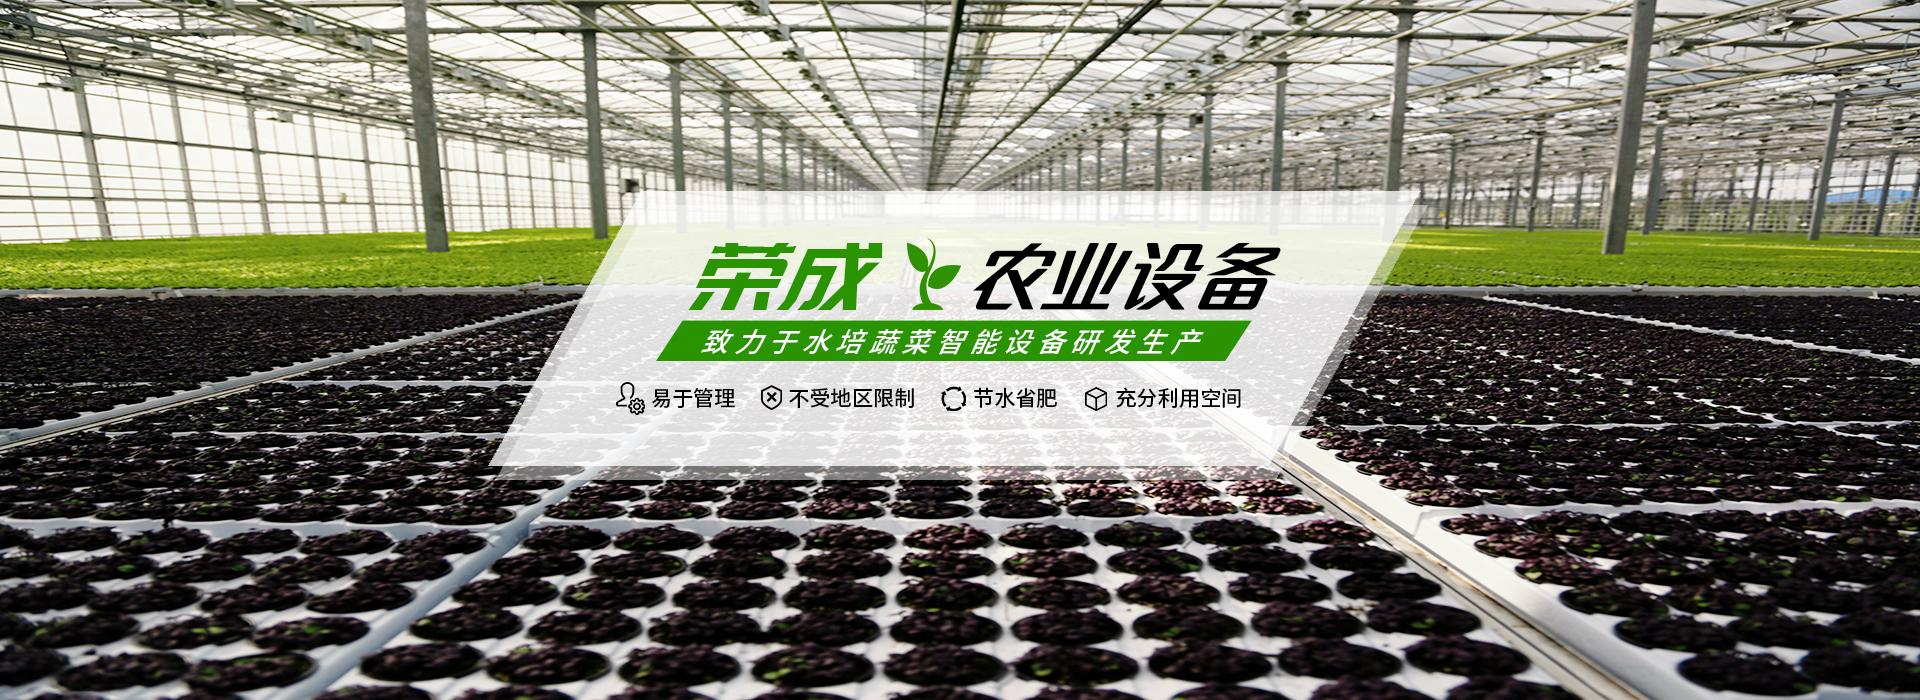 荣成农业公司-专业水培管道设备供应商